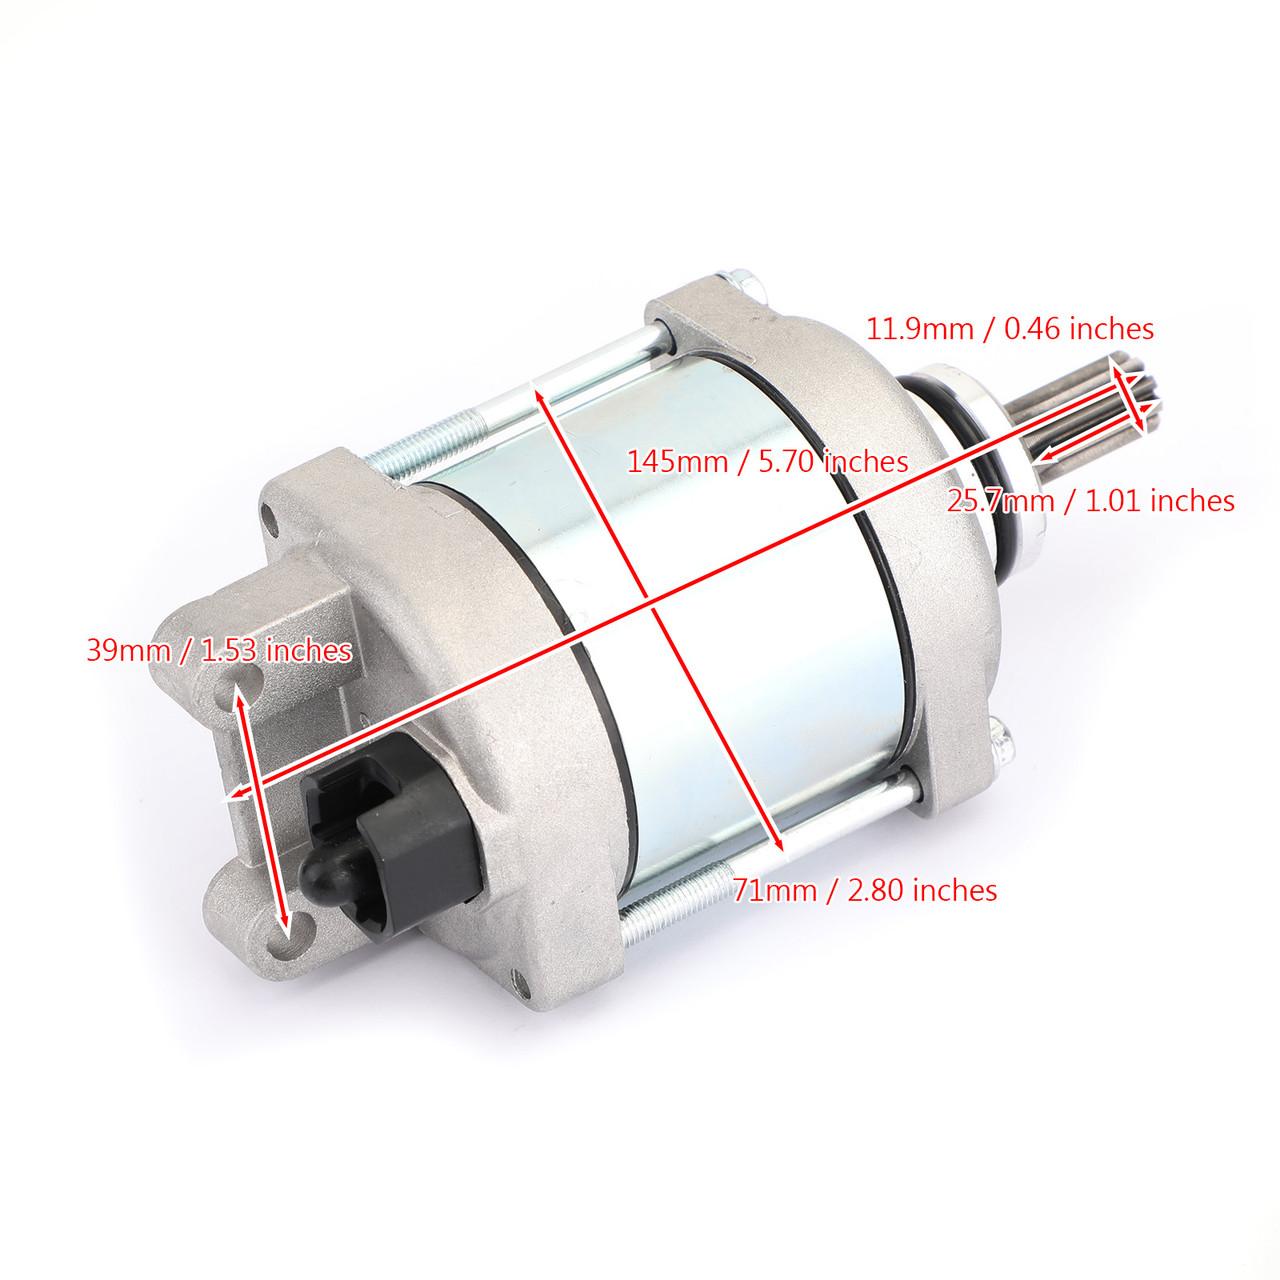 STARTER Motor Engine Starting 9-Spline Fit For Husqvarna FC450 FS450 15 FE450 FE501 14-16 FR450 RALLY 17